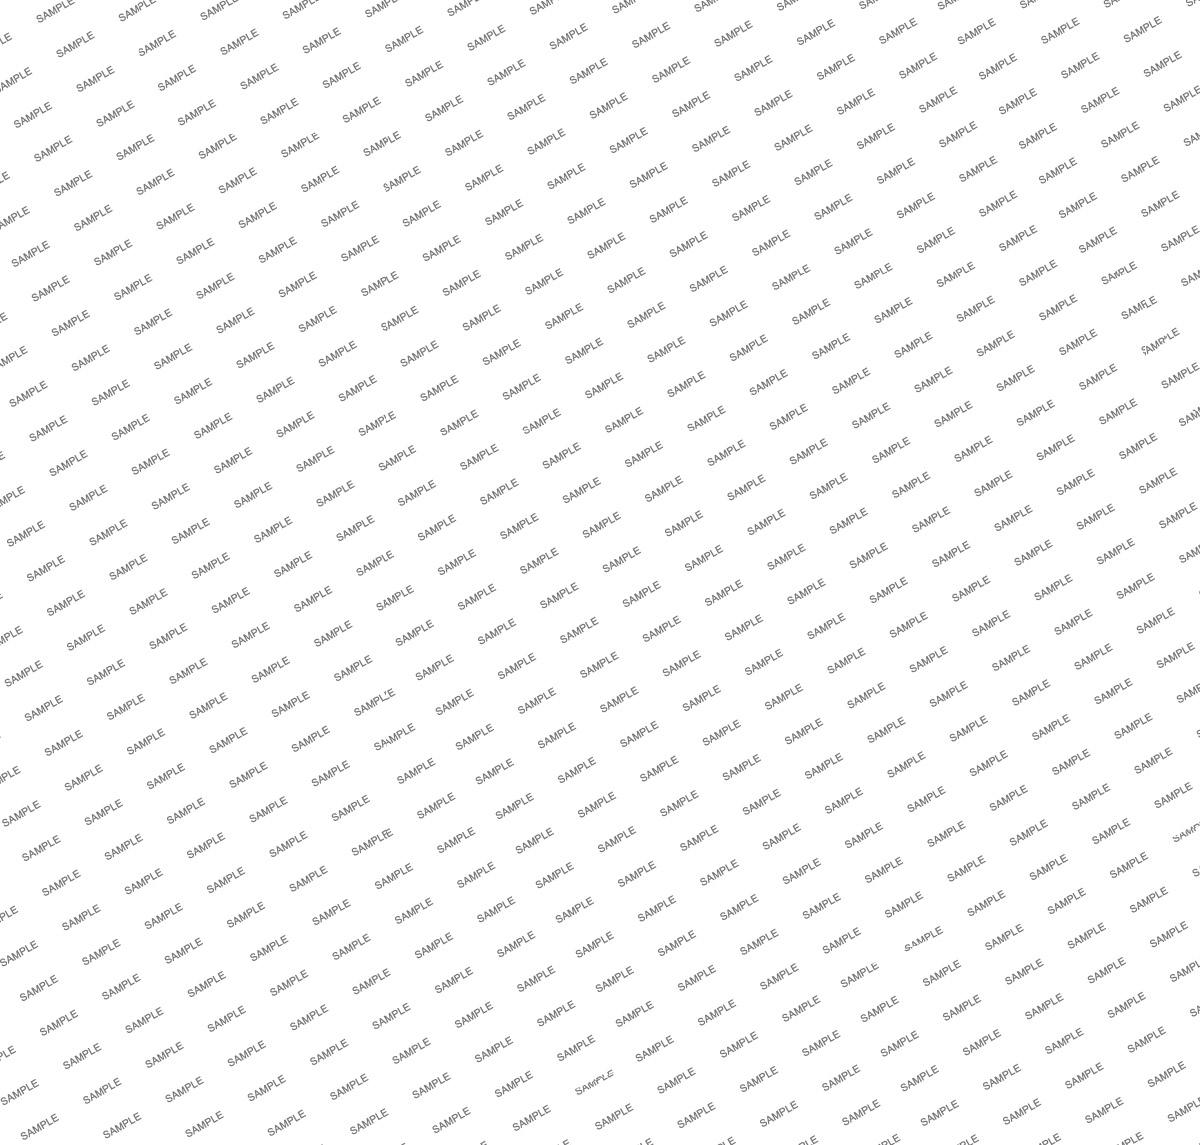 highlightfont1.jpg - 274,58 kB